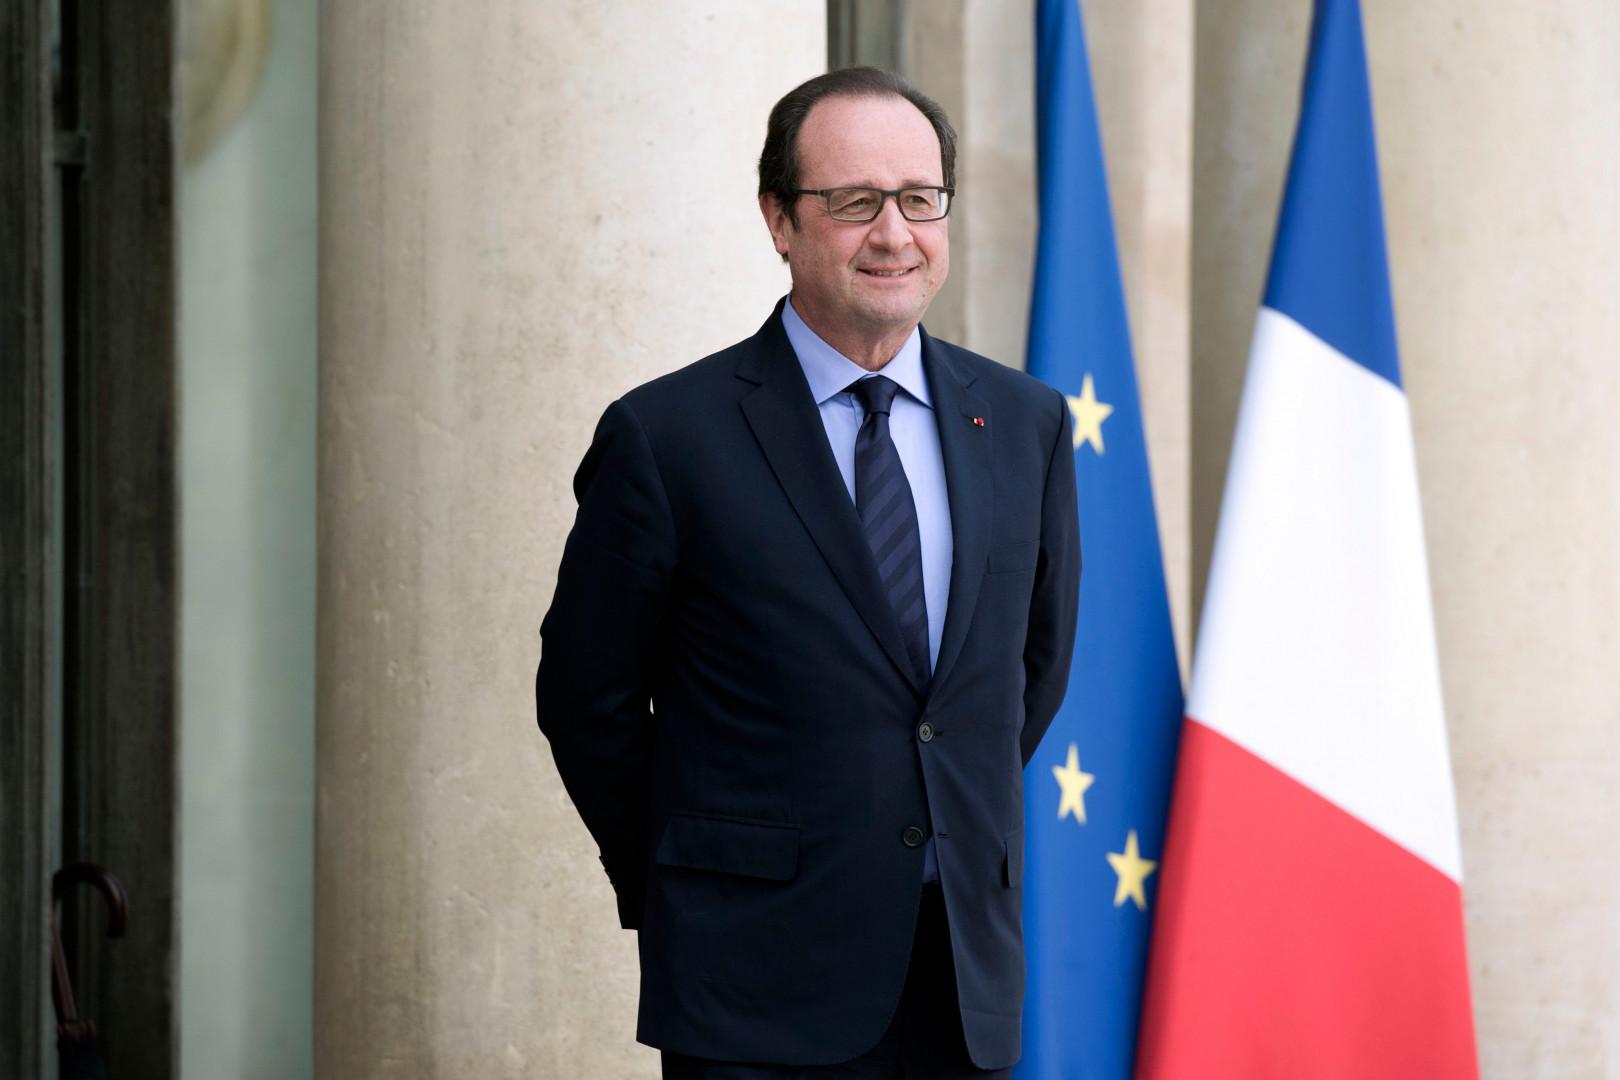 7. François Hollande gagne 194.300 dollars par an